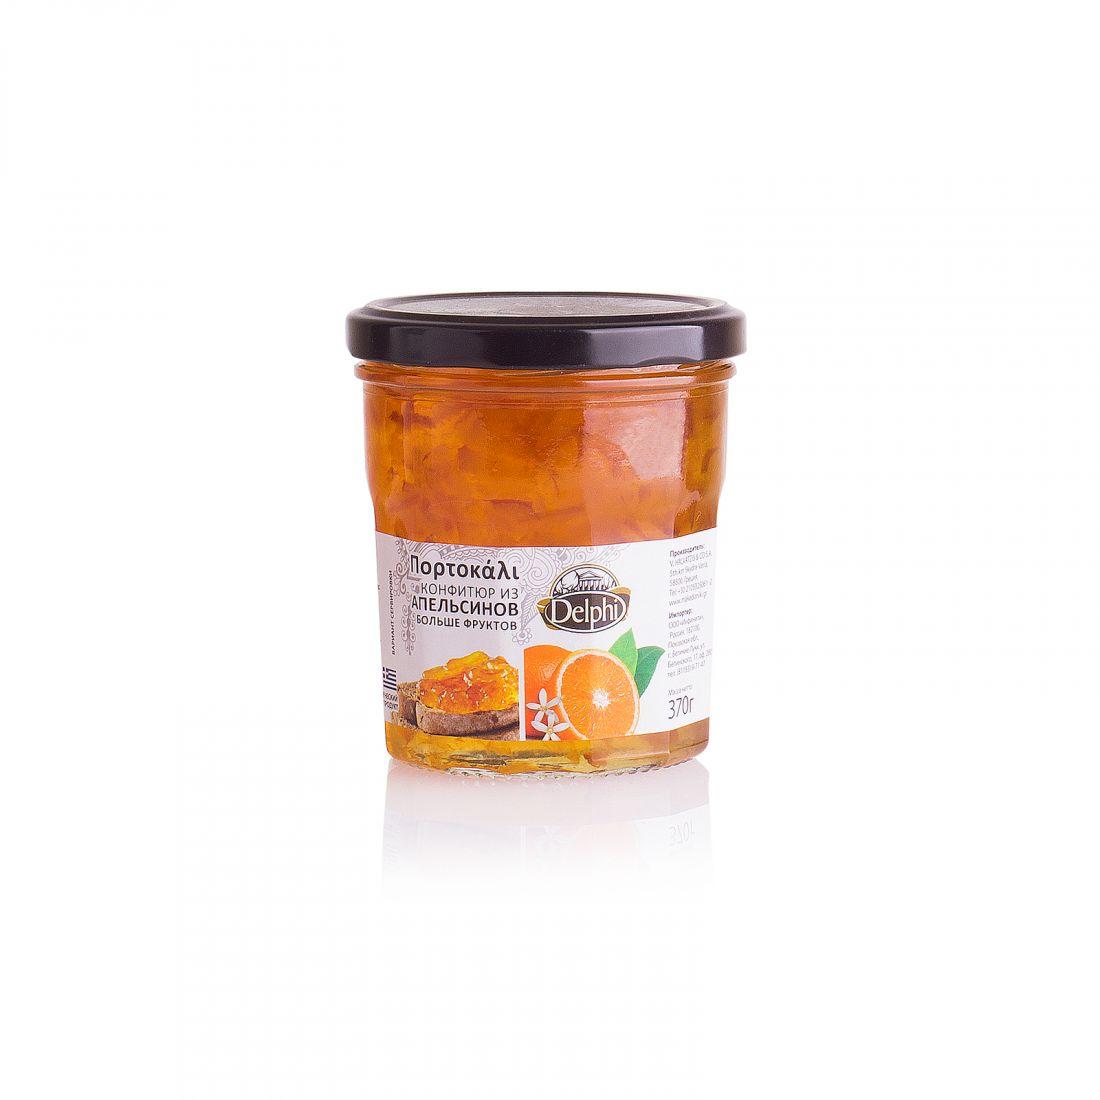 Конфитюр из апельсинов Delphi - 370 гр.